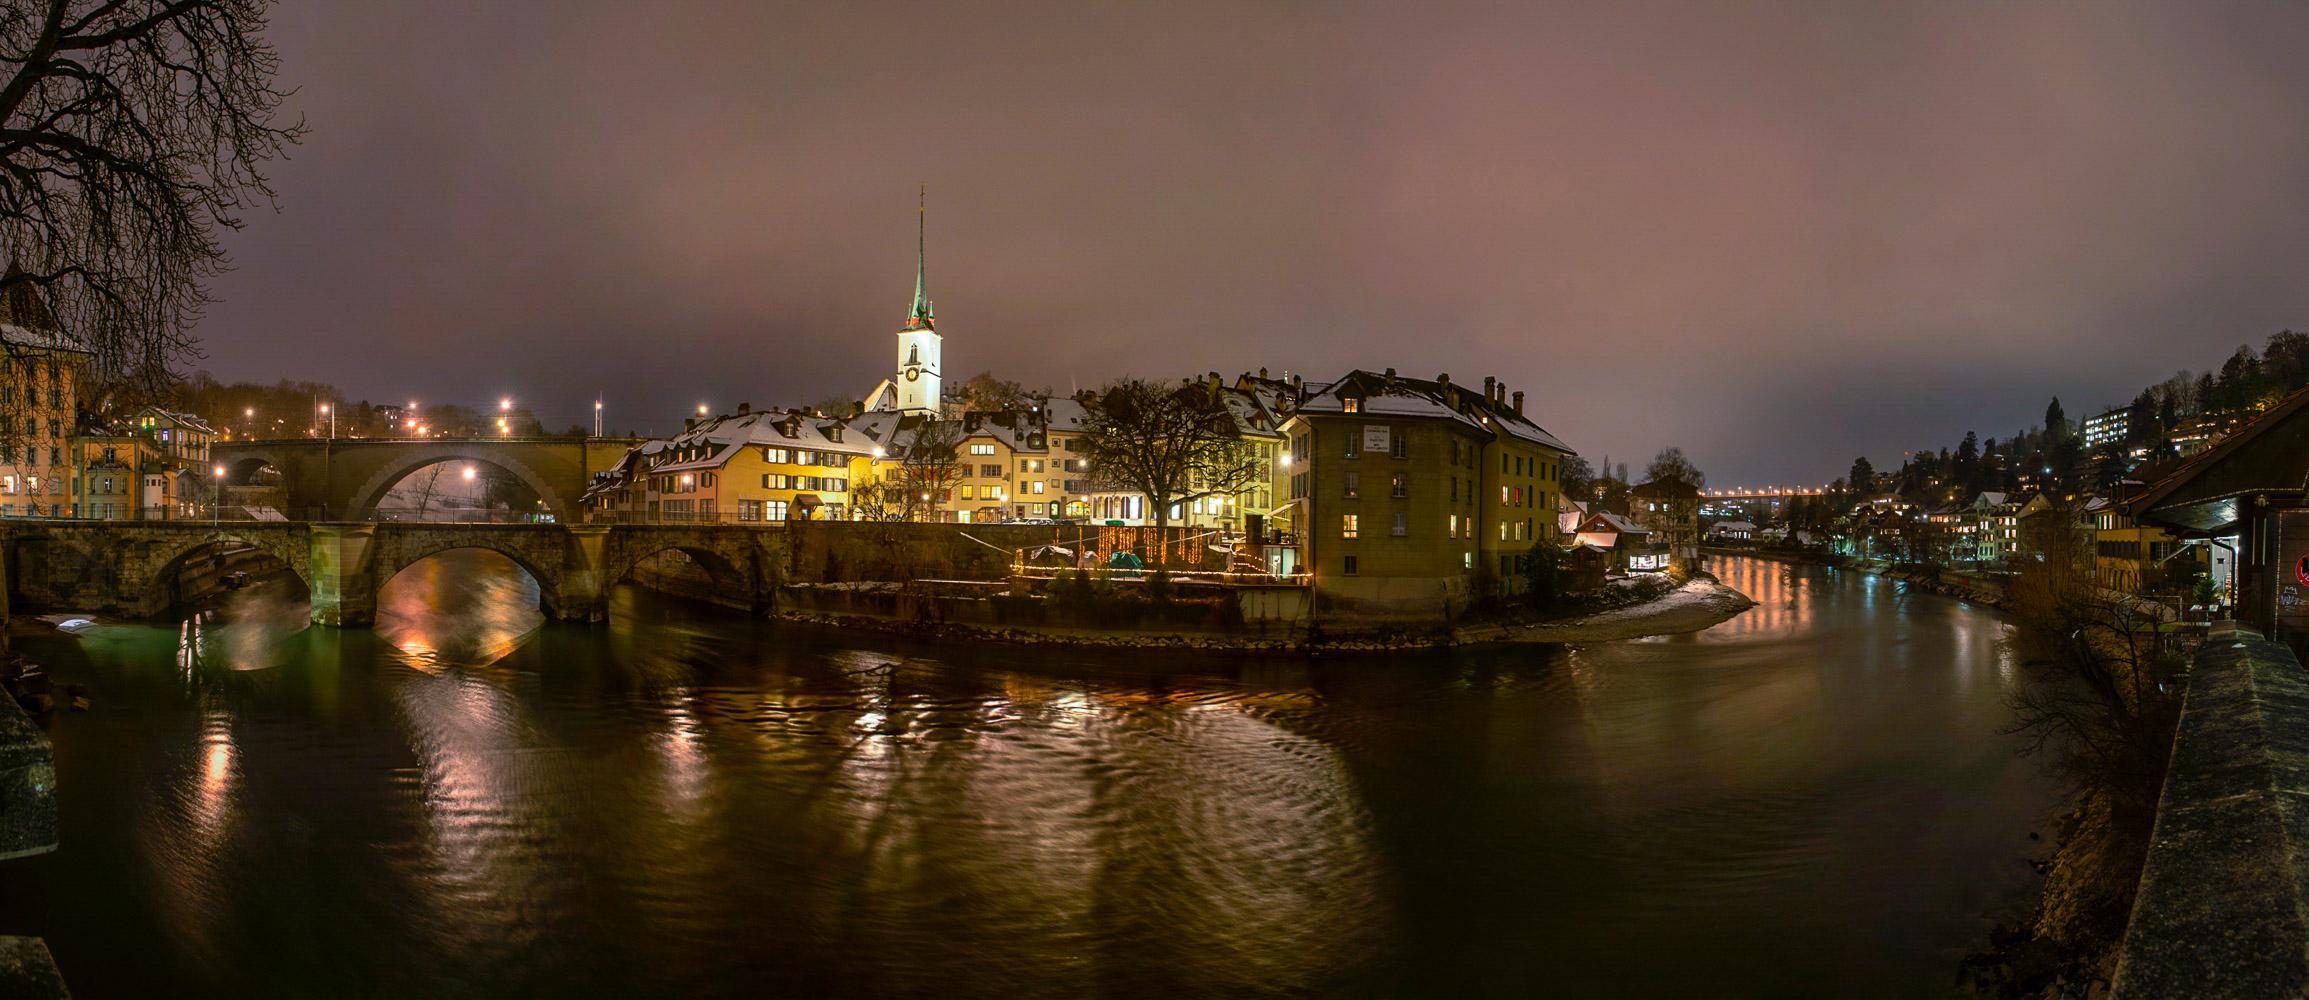 Winternight in Bern